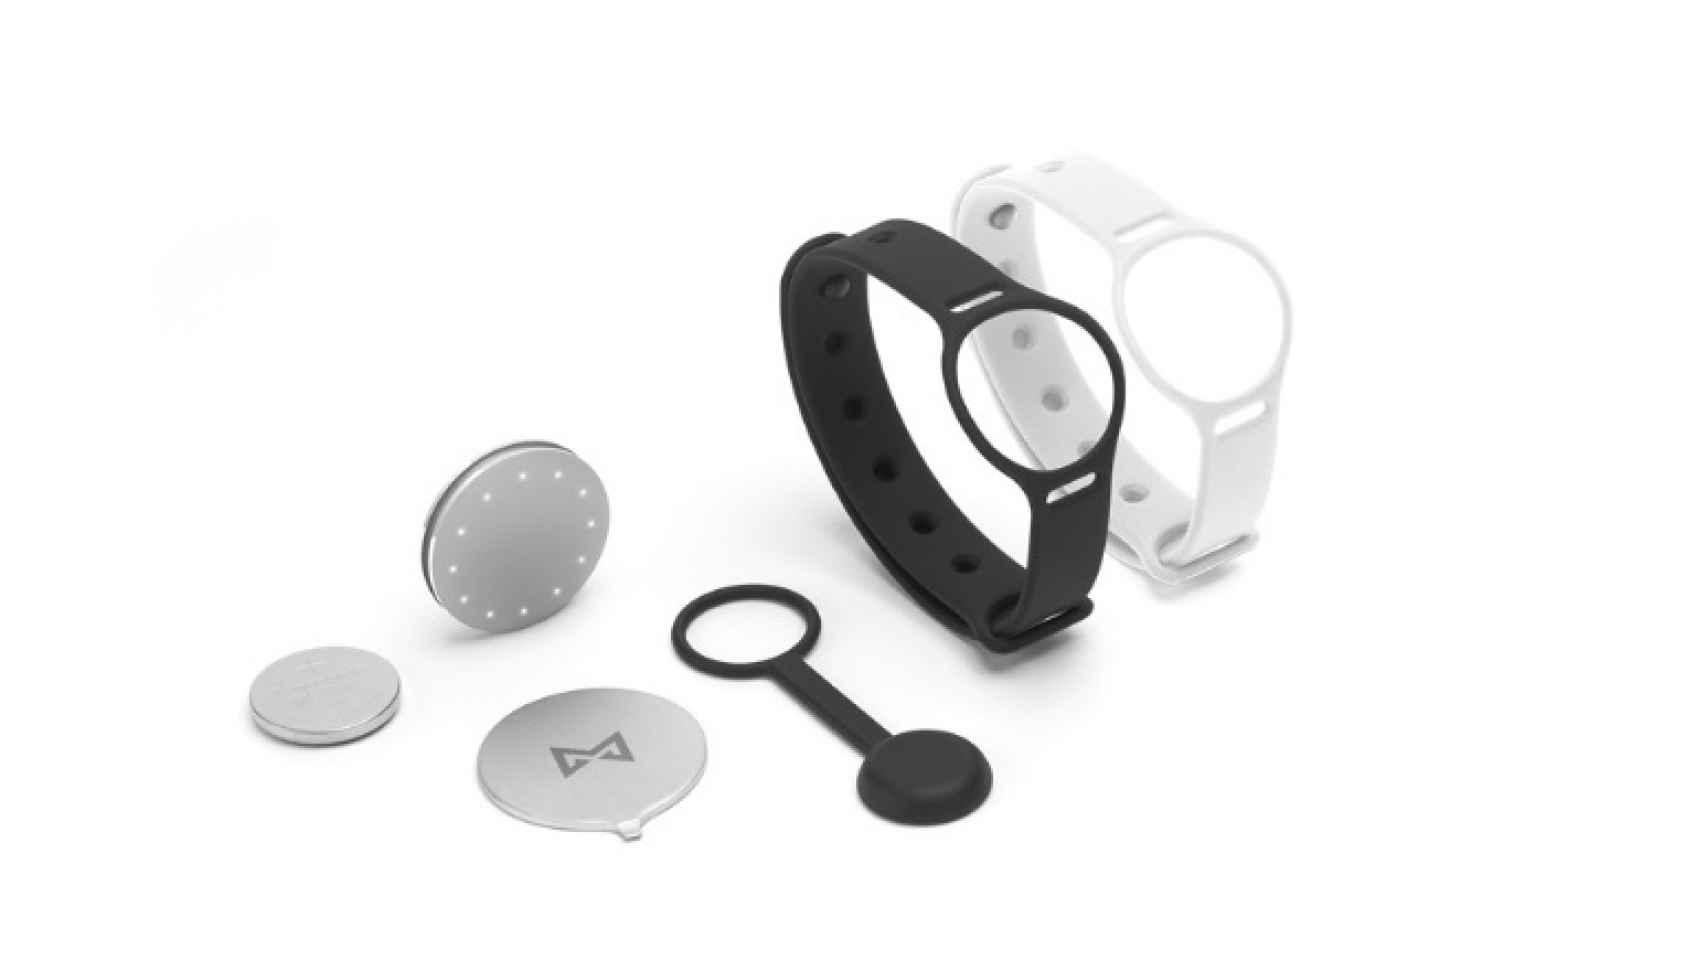 Speedo Shine es capaz de medir largos, distancia y calorías.